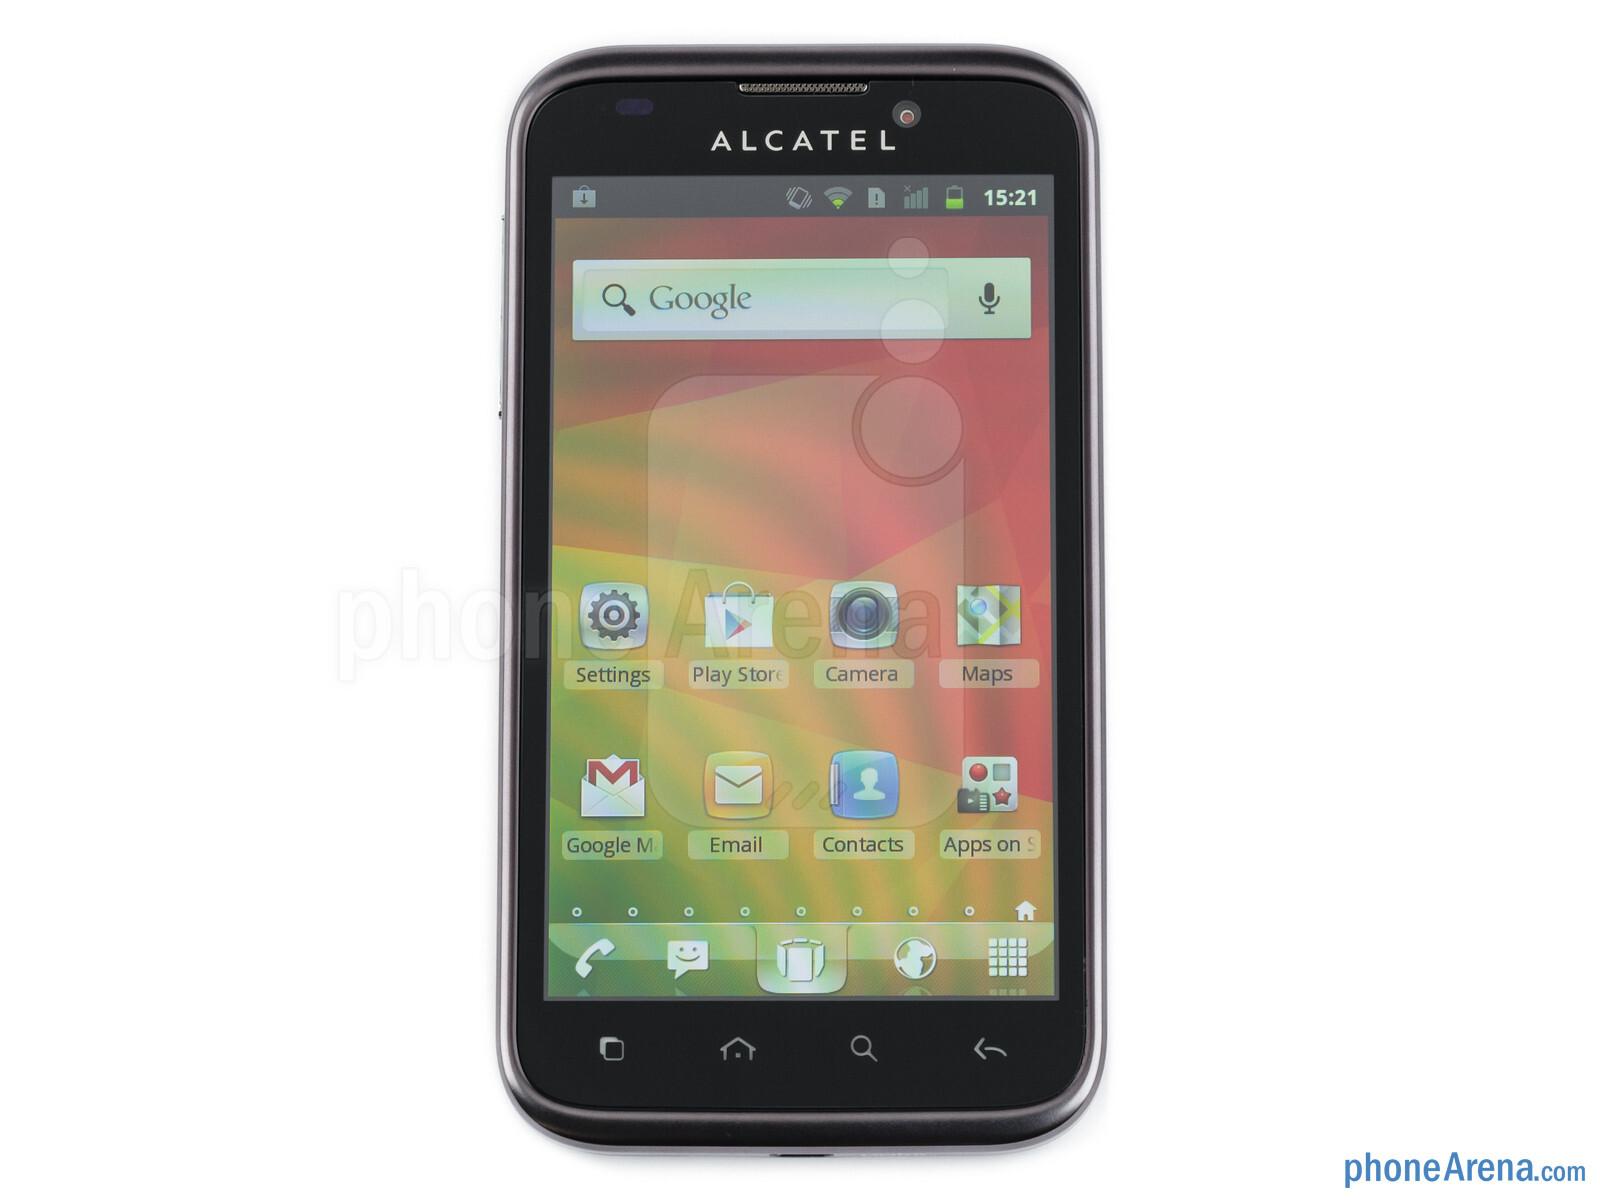 Alcatel alcatel ot 995 alcatel one touch 995 ultra cell phone price